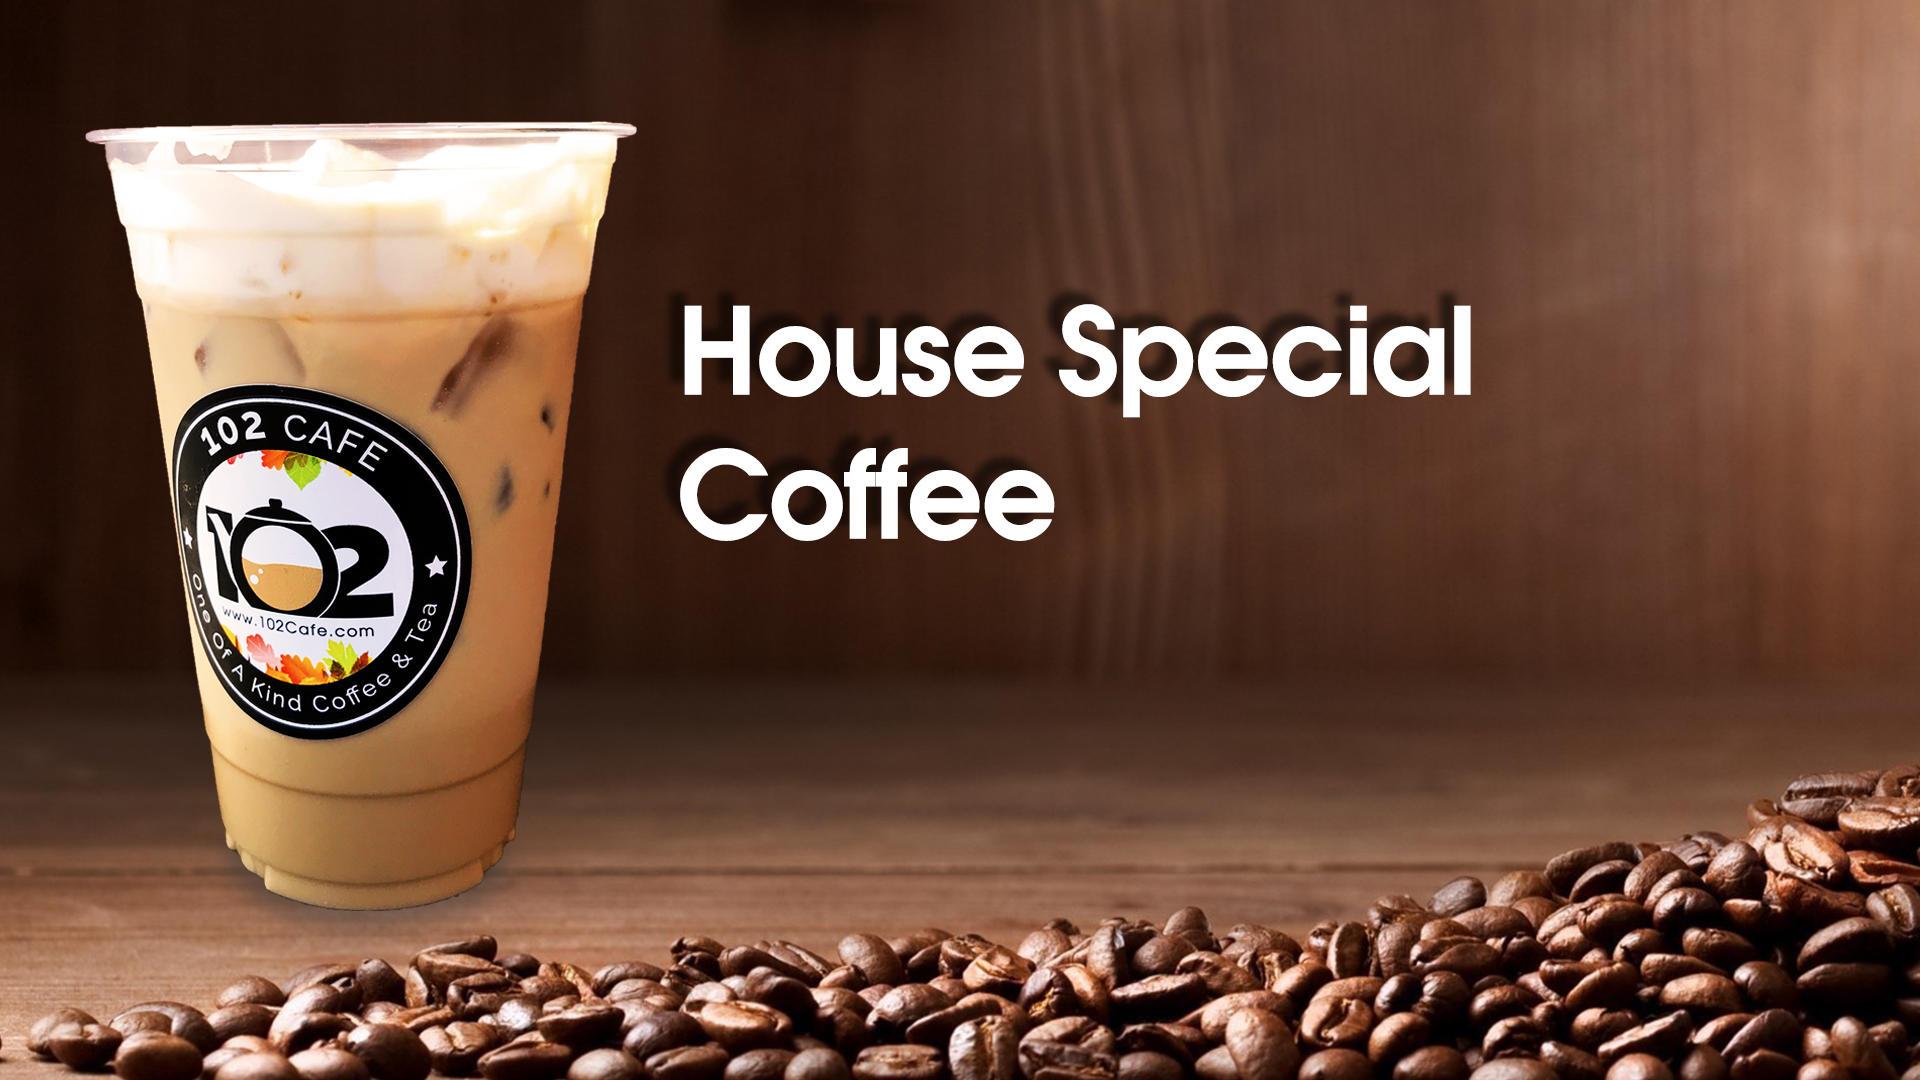 102 CAFE image 11